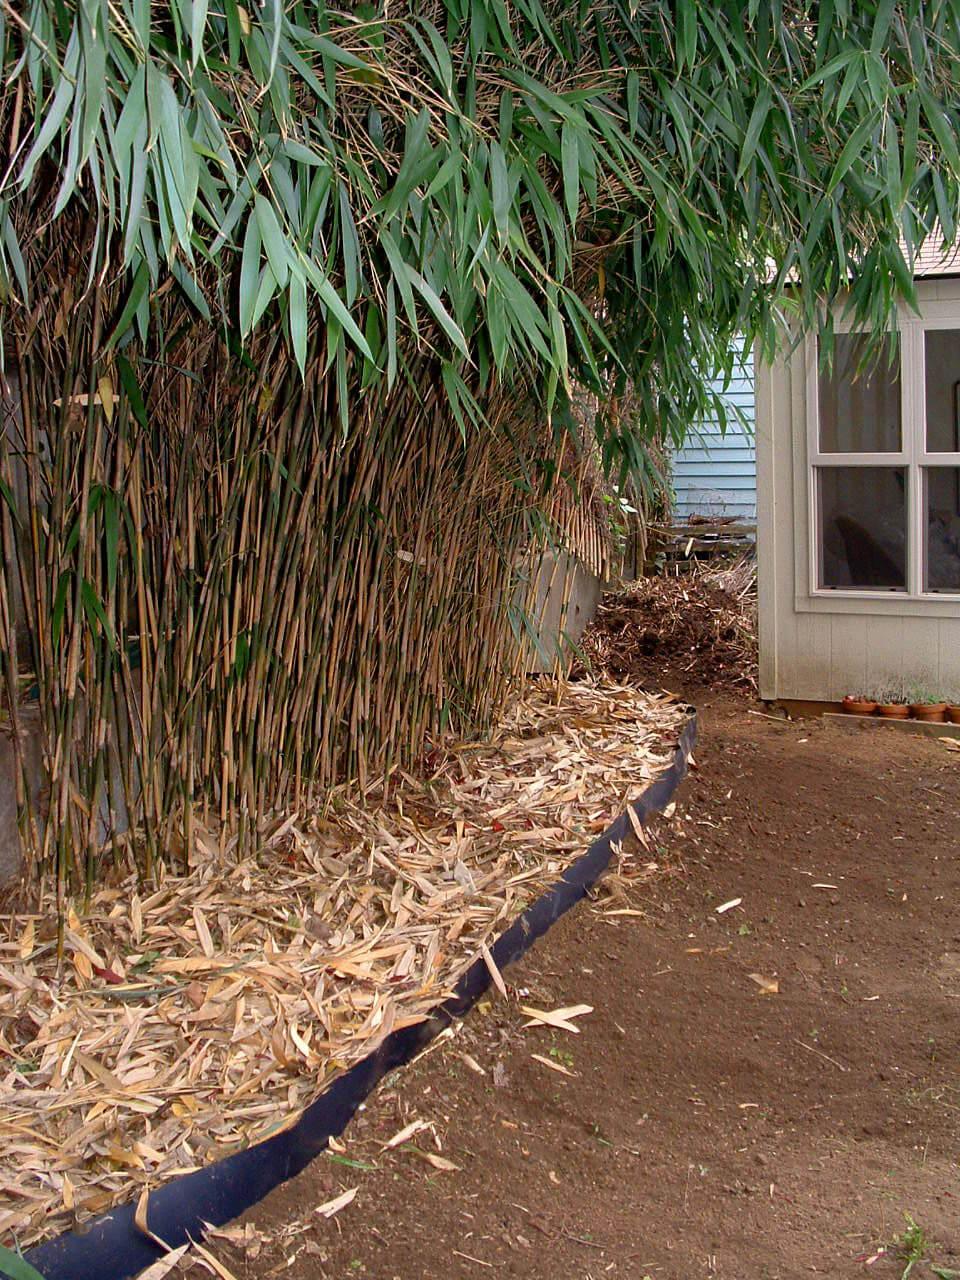 Comment installer une barrière à rhizome pour contrôler des bambous ...